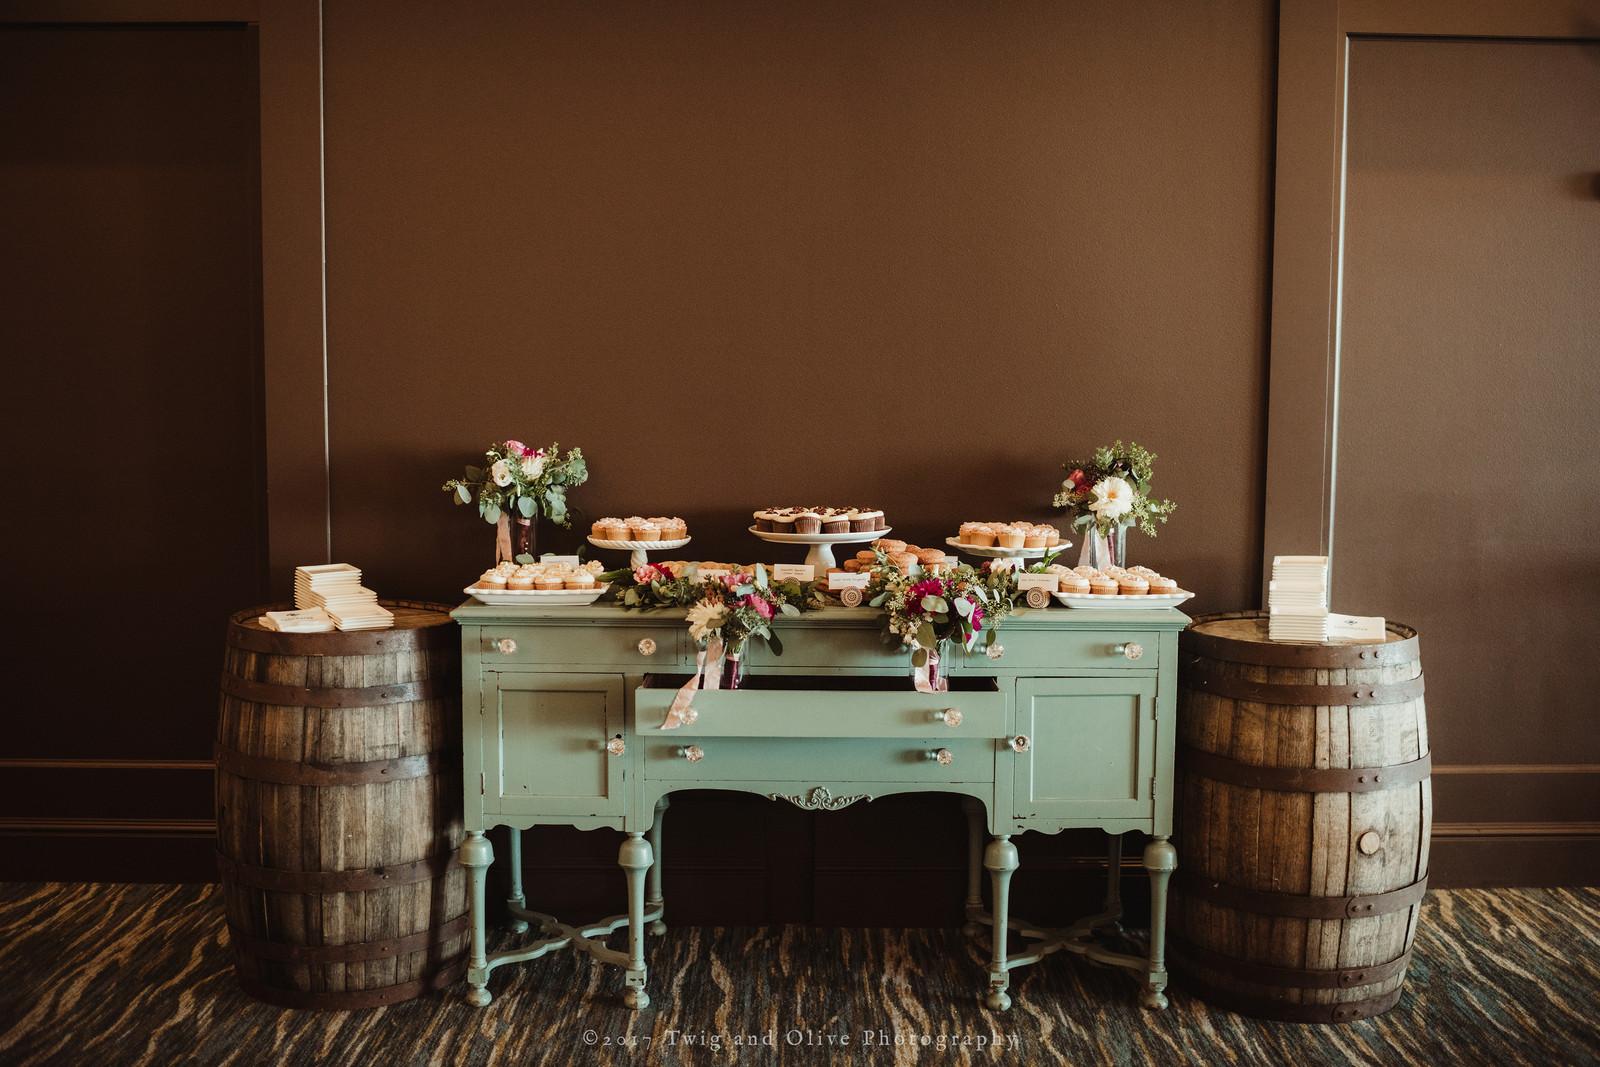 bloom-bake-shop   Weddings